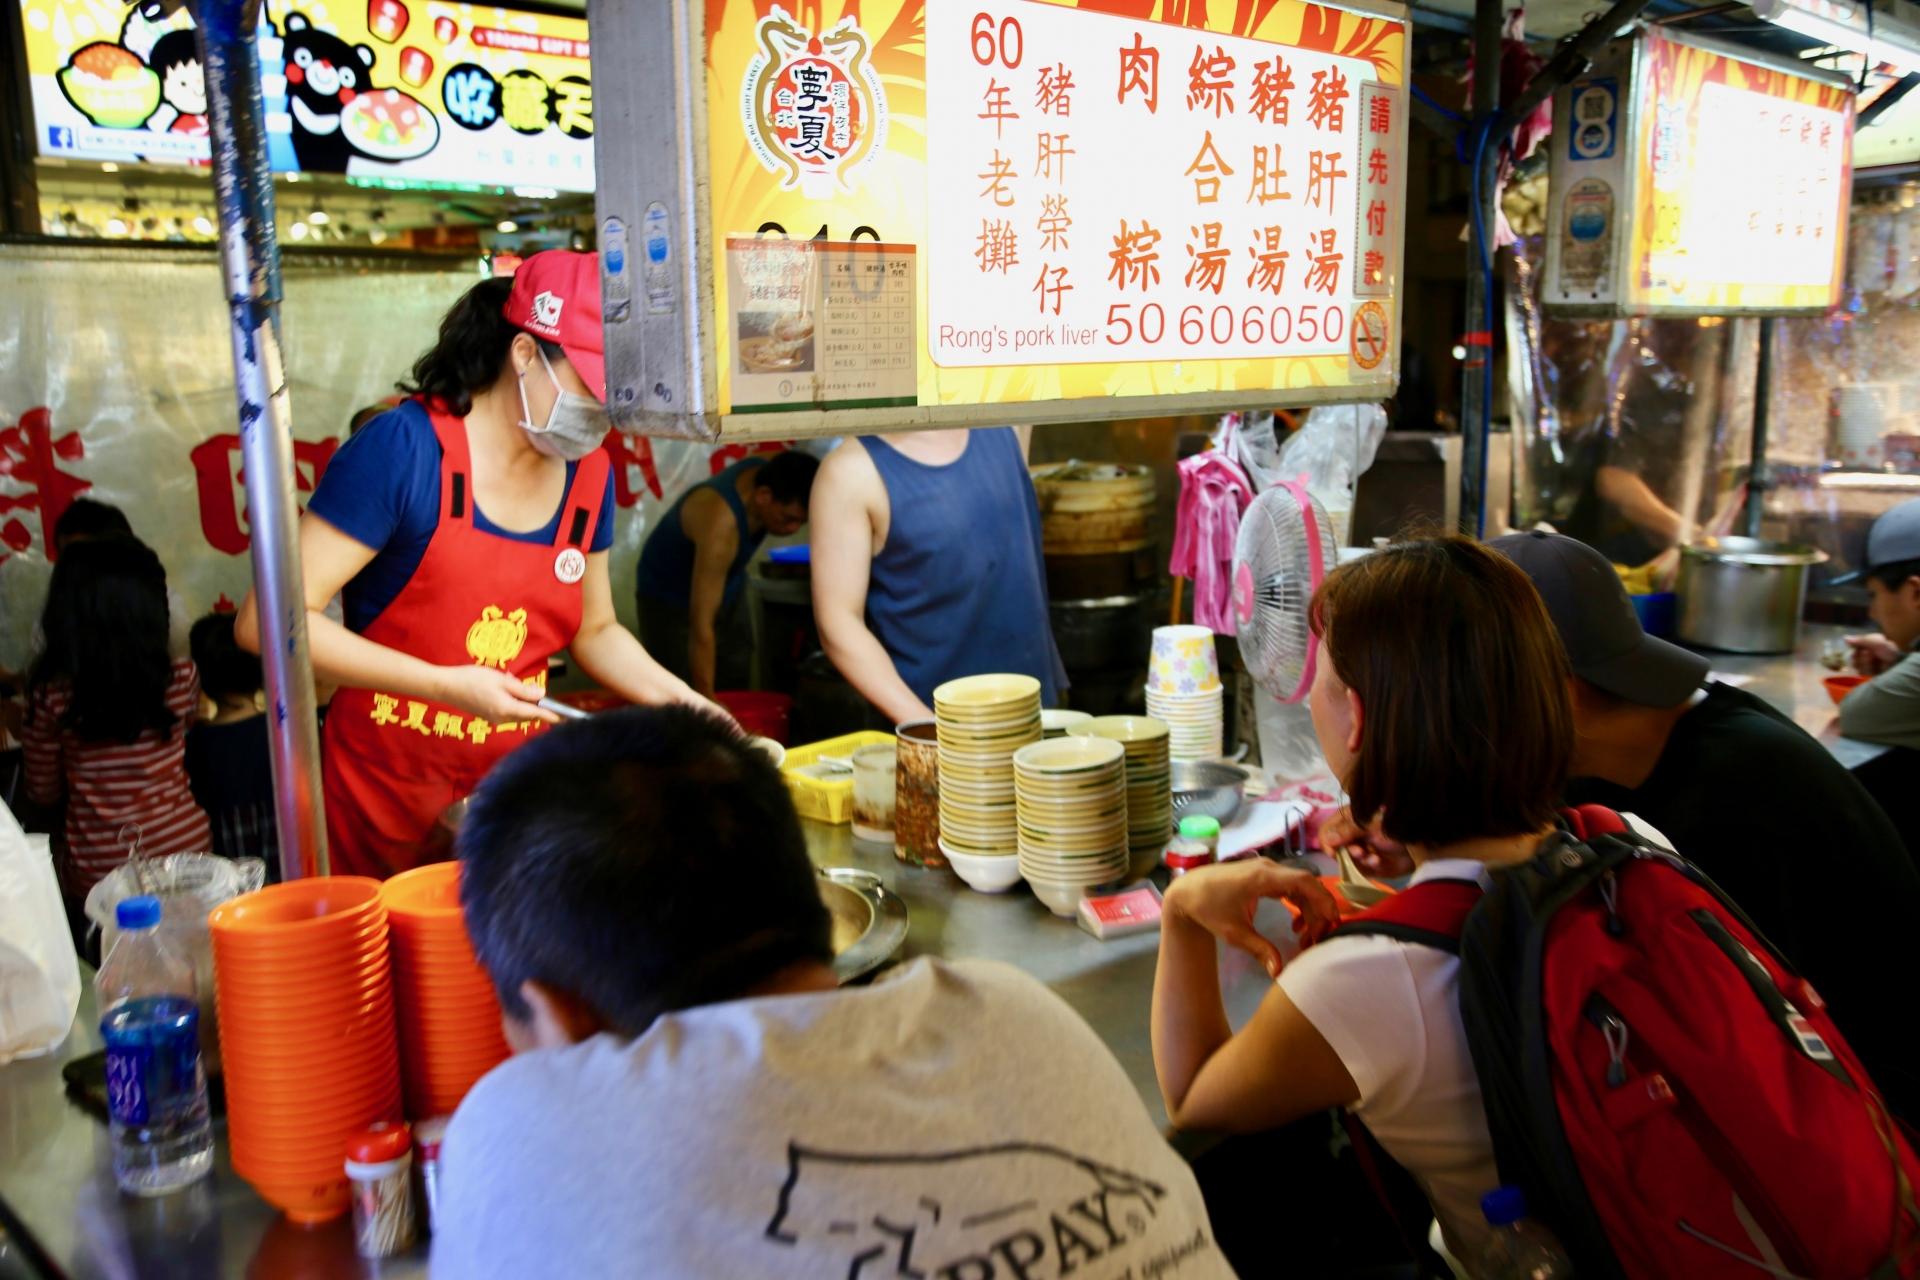 寧夏夜市のおすすめグルメは胡椒餅!スイーツや牛肉麺・小龍包も人気!